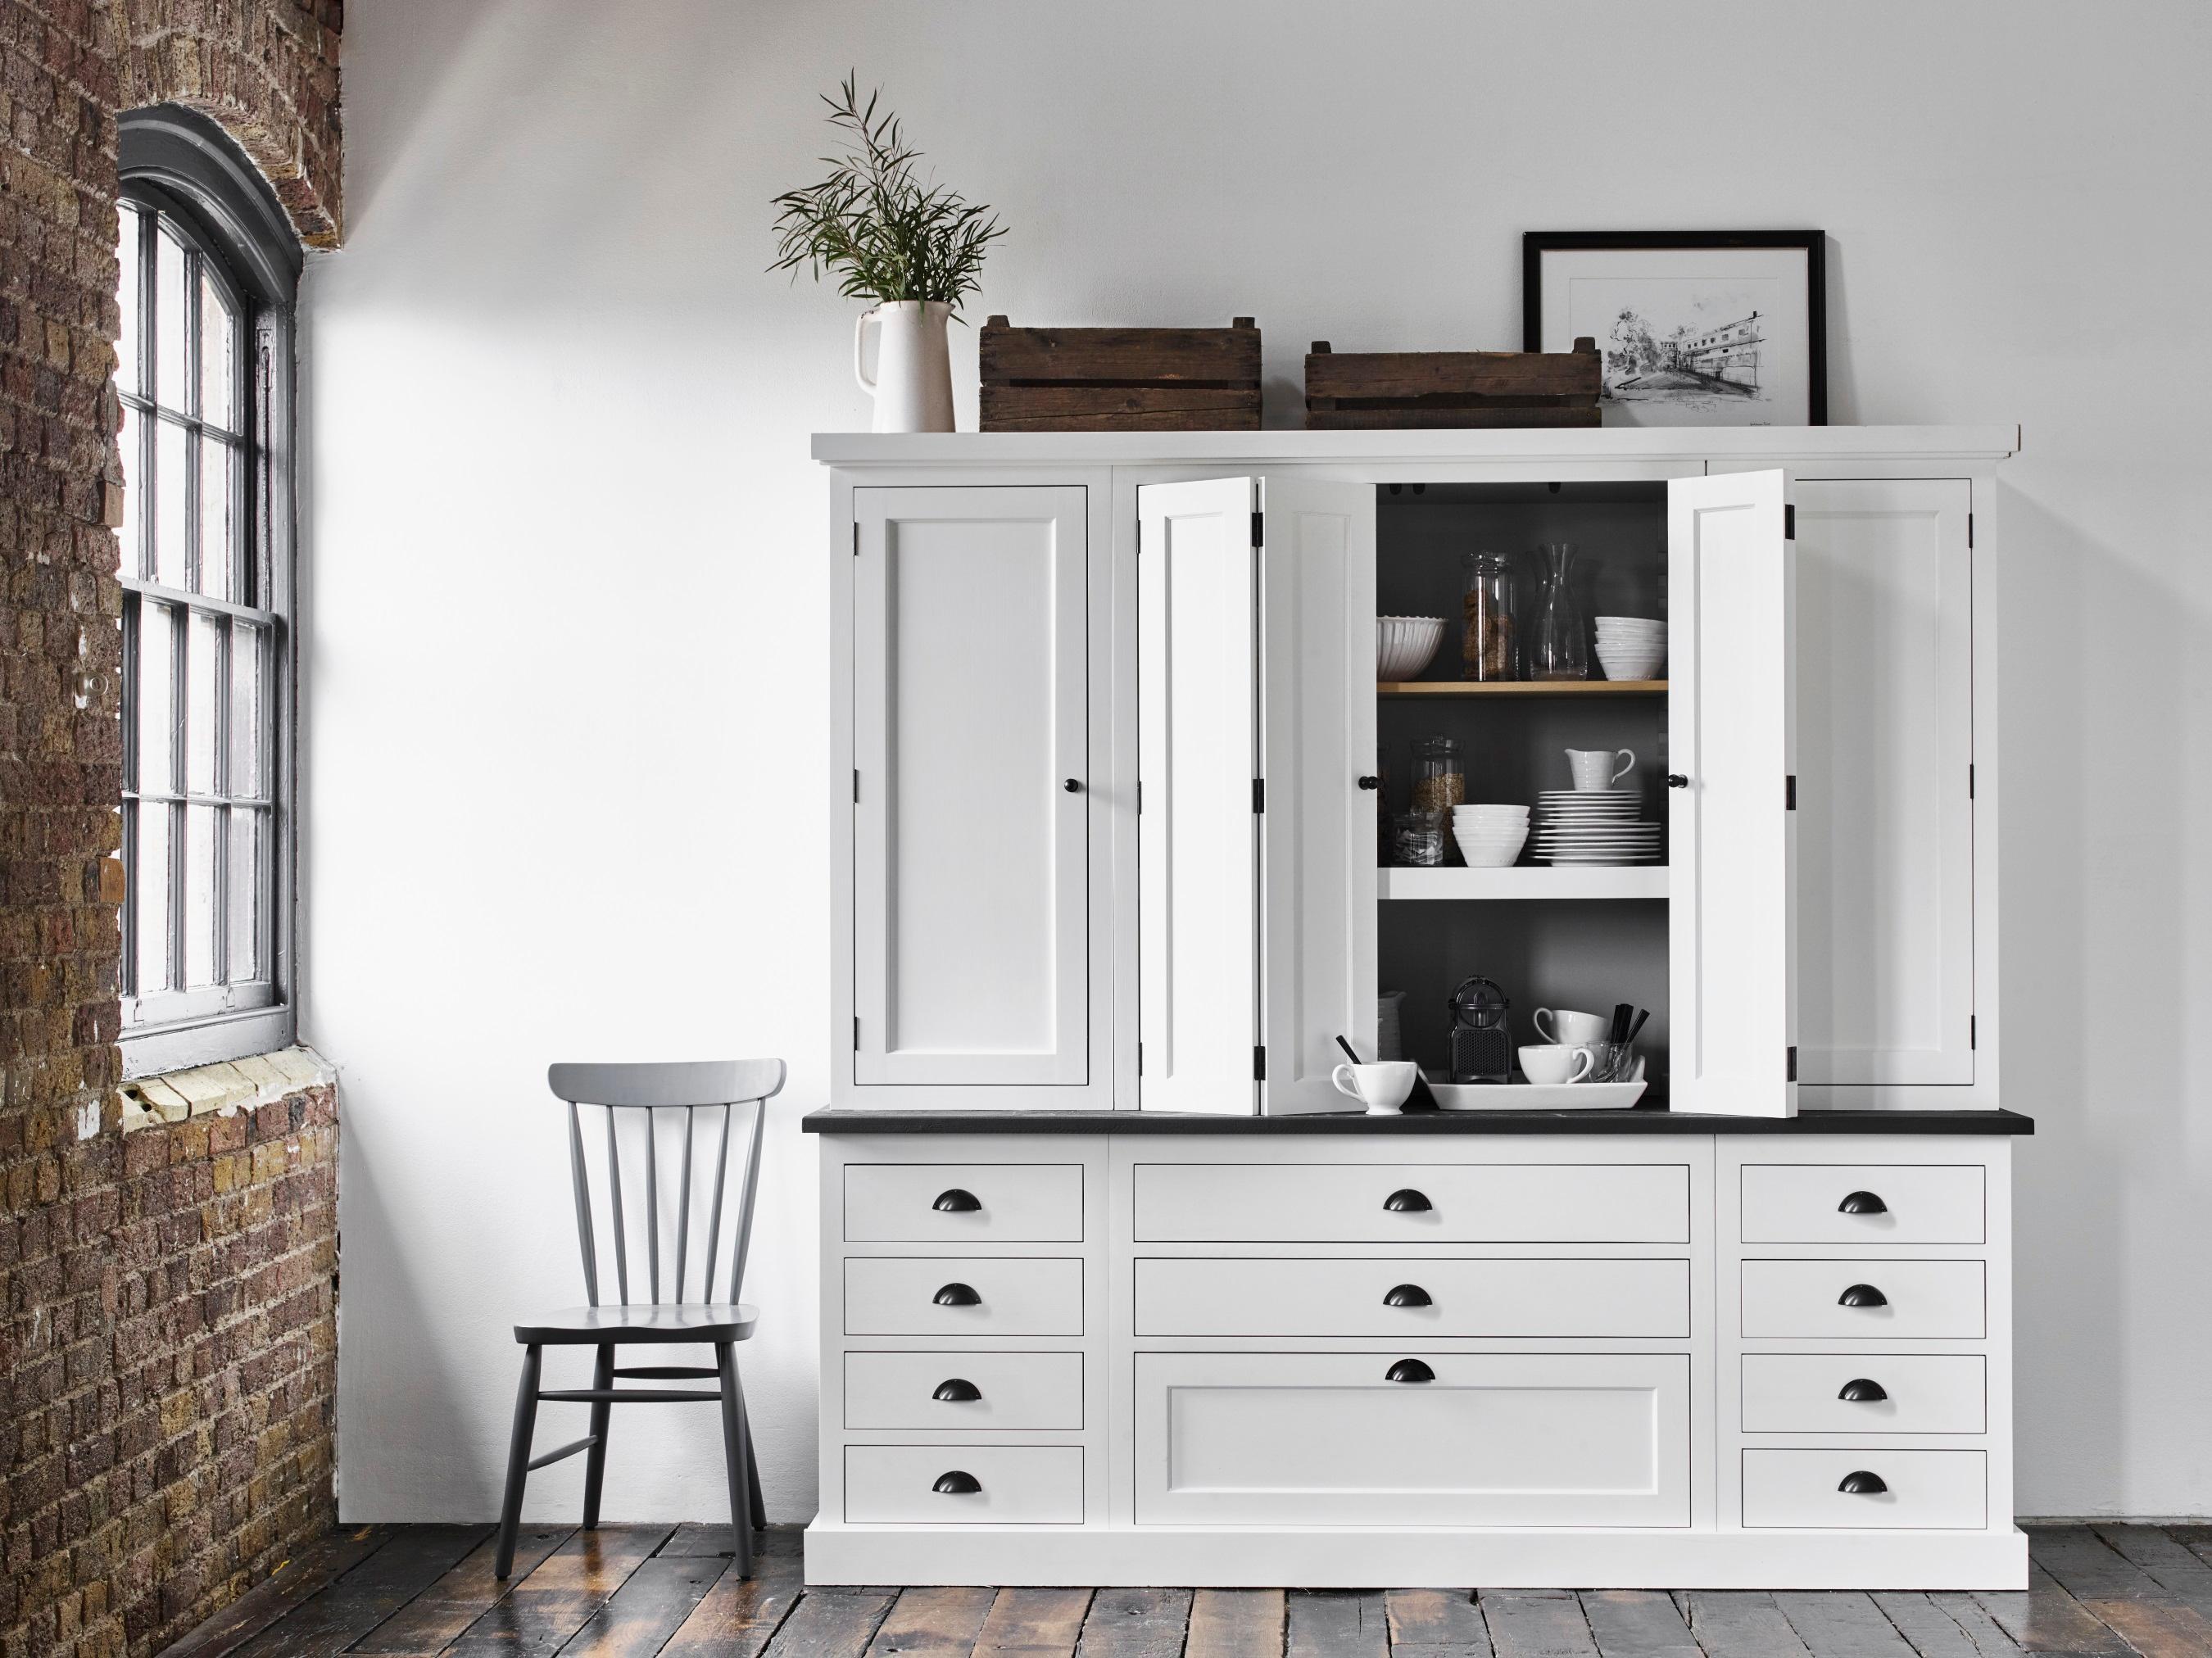 Küchenregale  Küchenregale • Bilder & Ideen • COUCHstyle